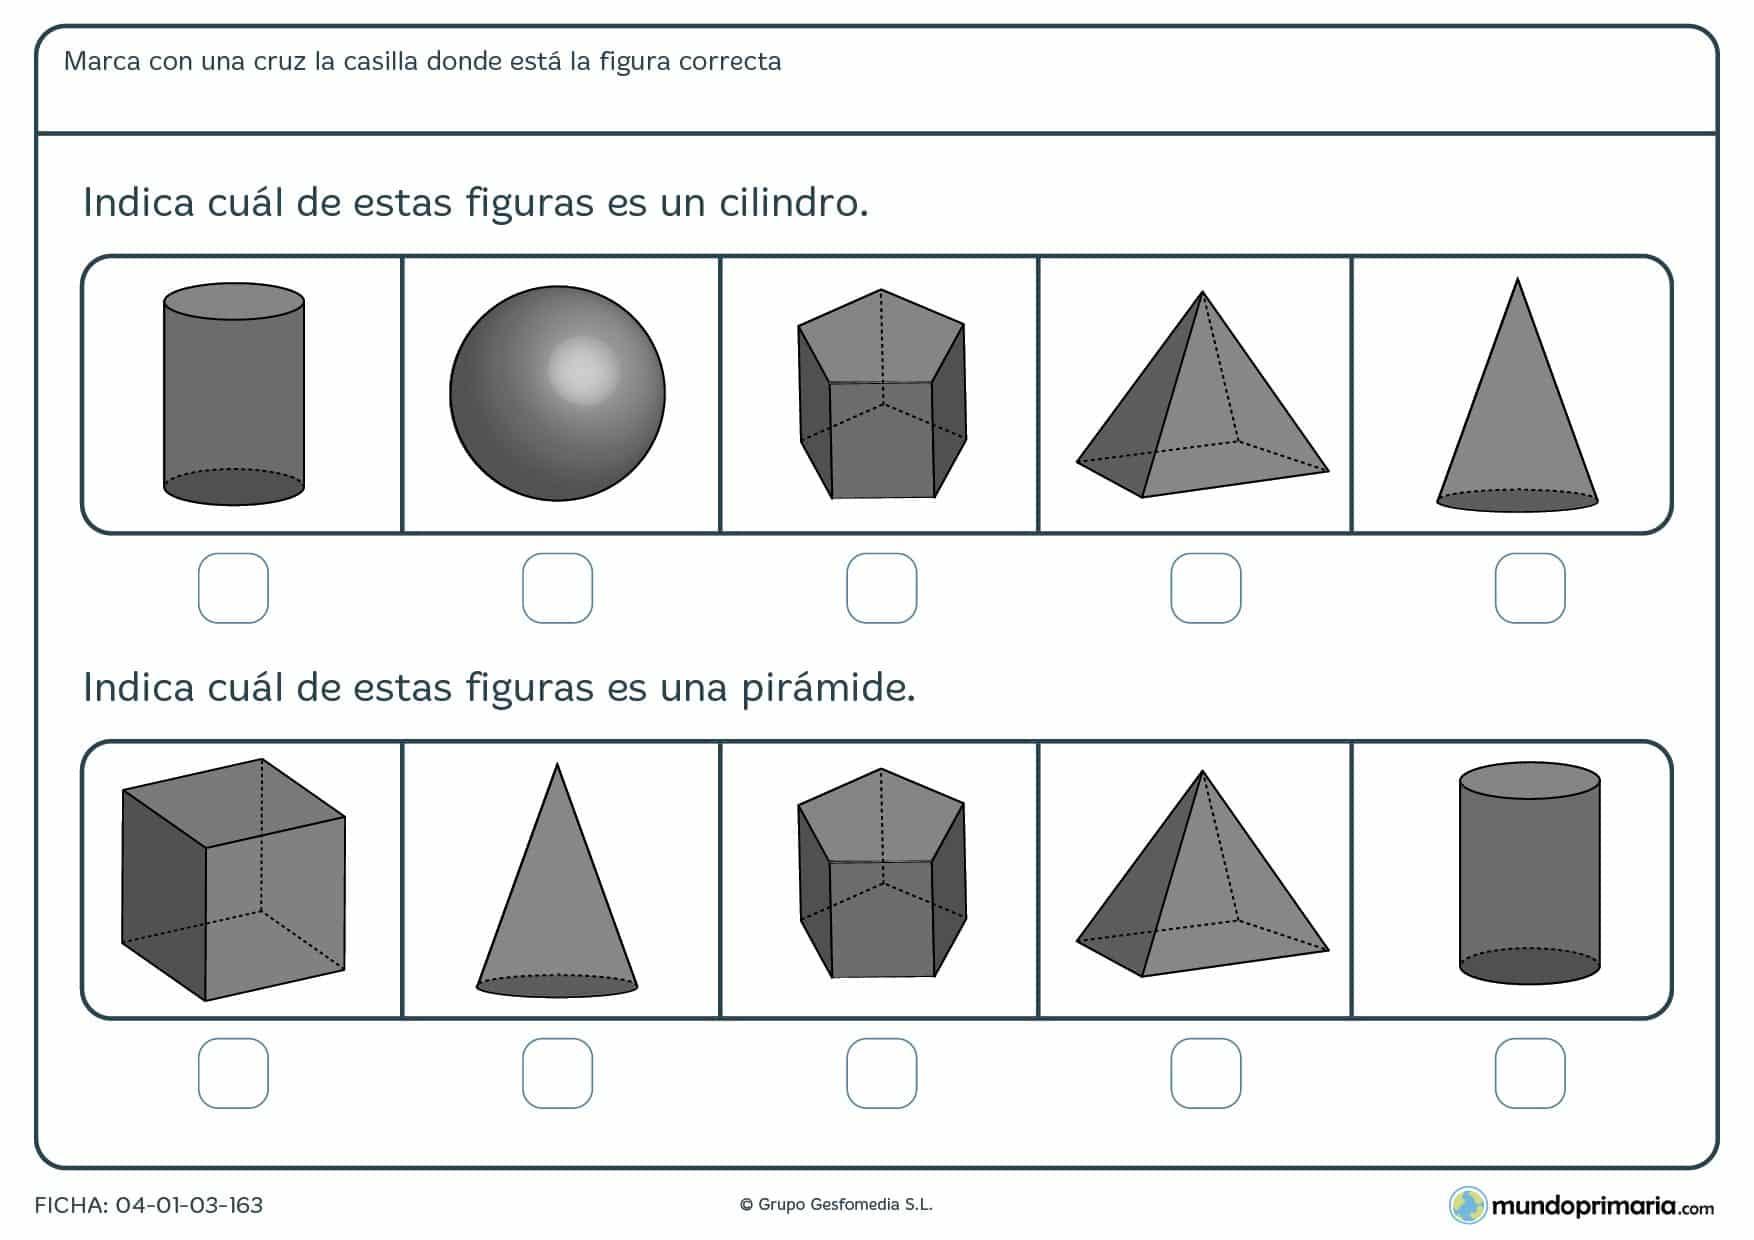 Ficha de identificar cuerpos geométricos marcando los 2 que se te piden entre diferentes de ellos.